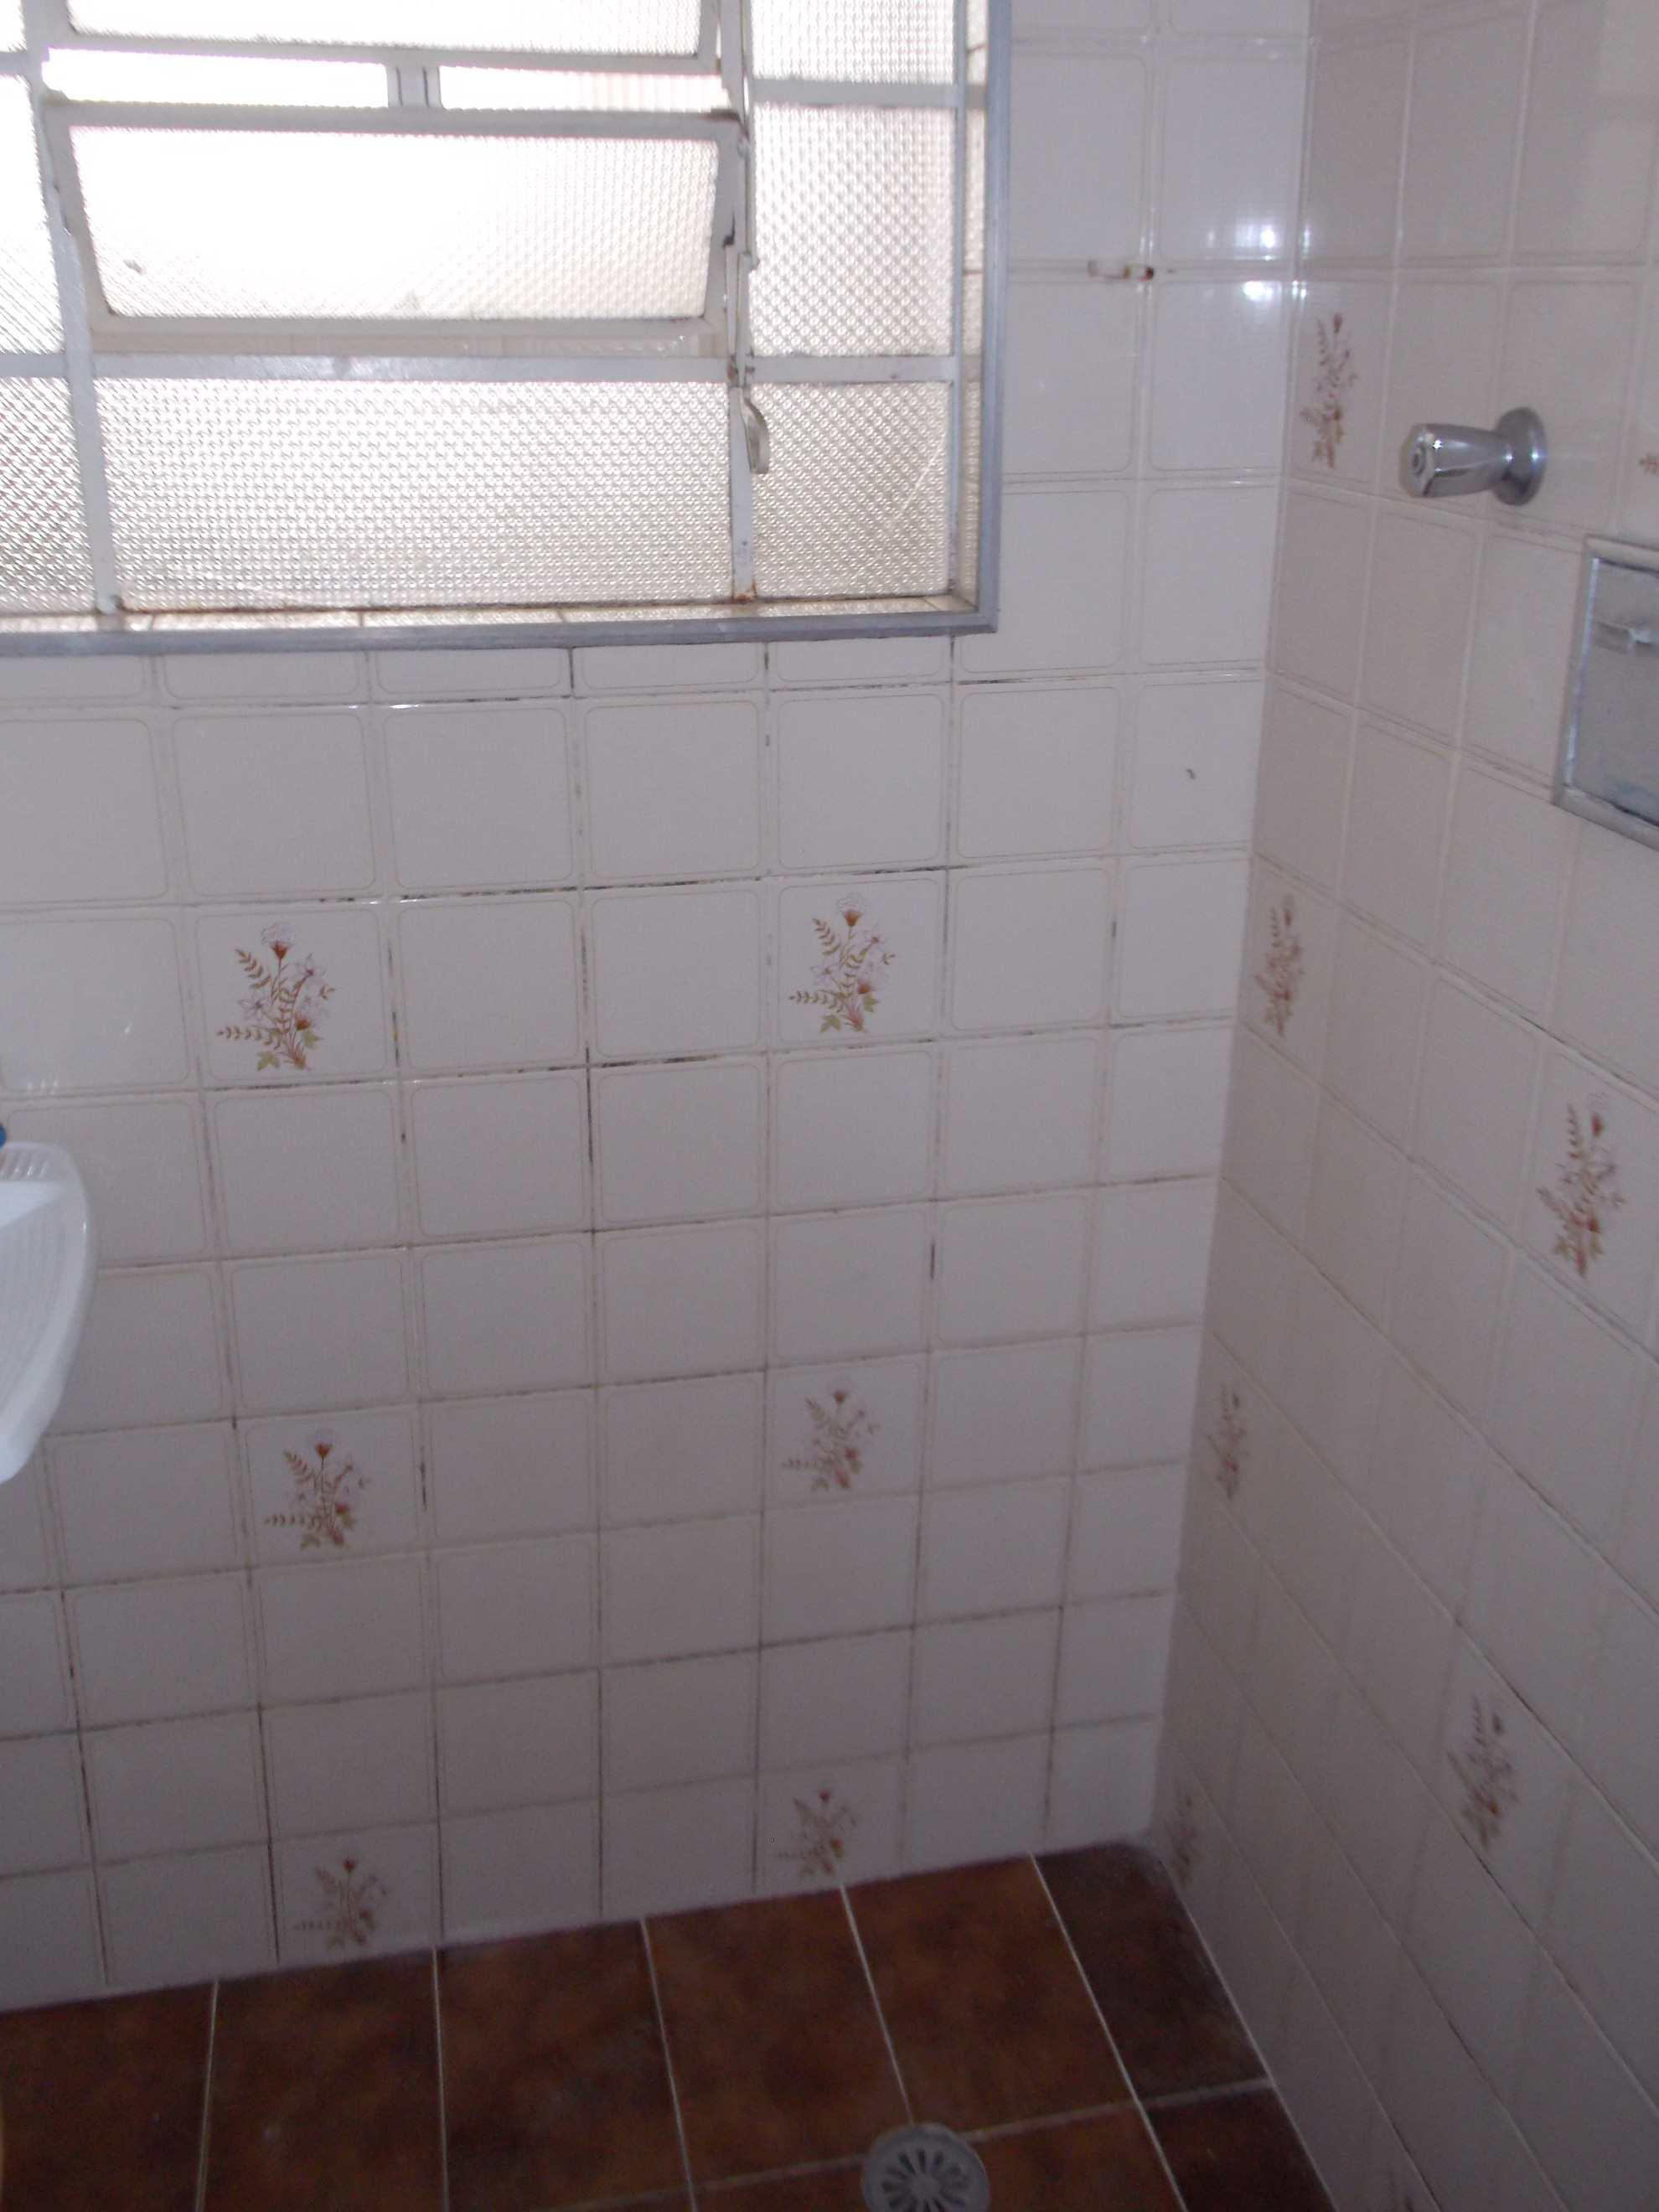 C - Banheiro (3)